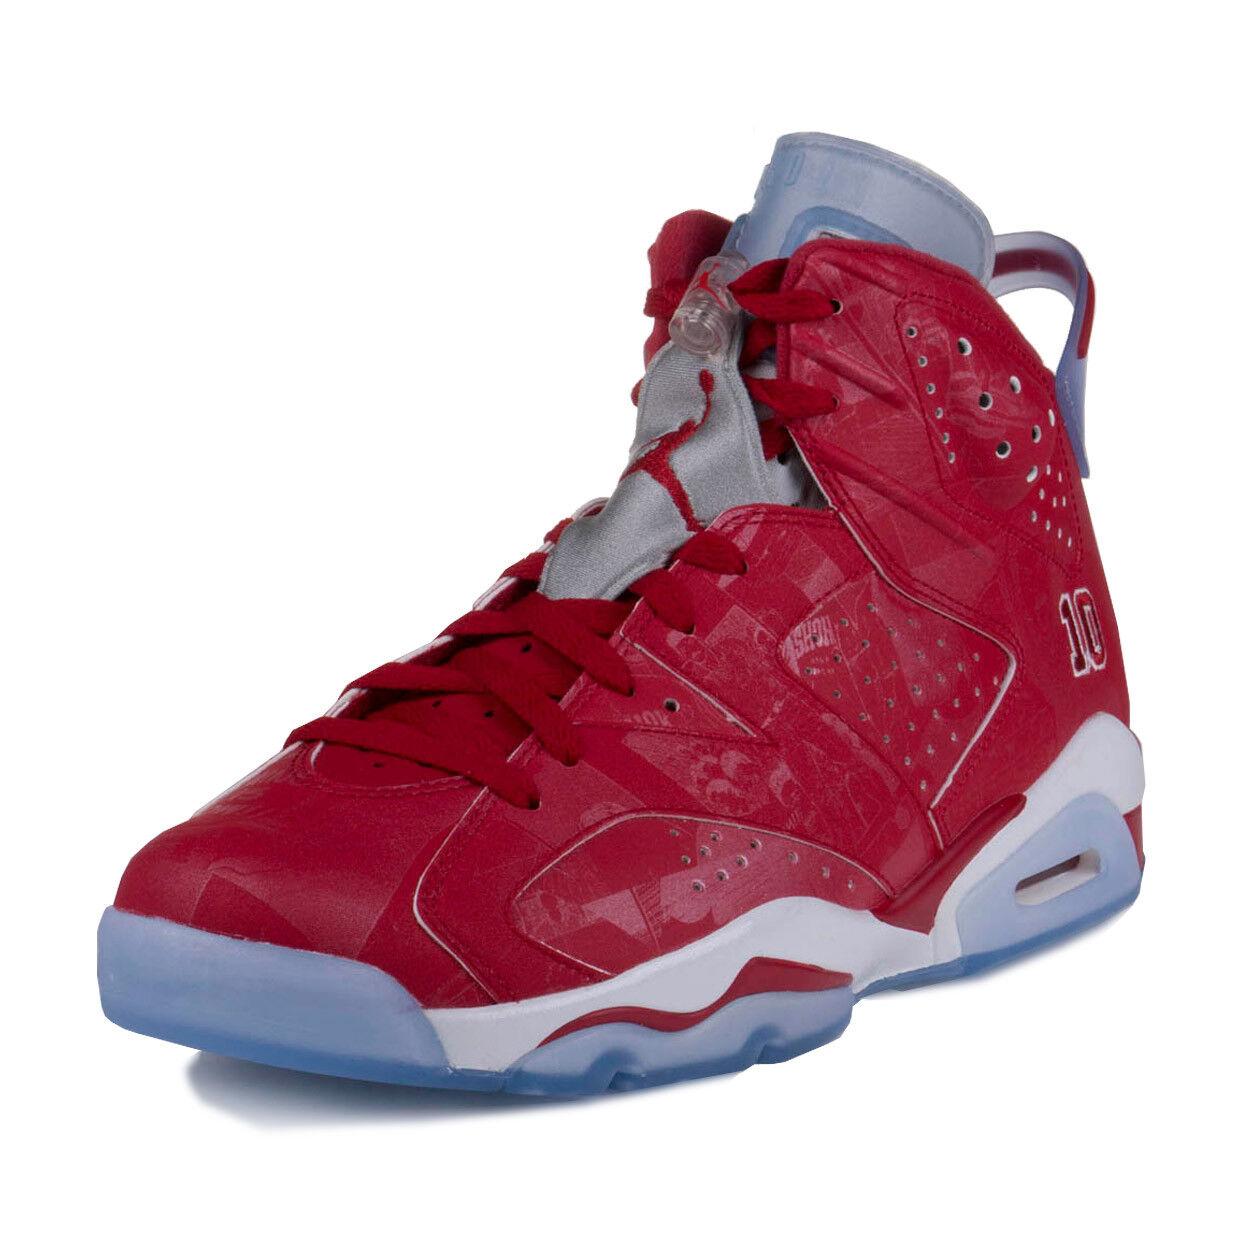 Nike Hommes Air Jordan 6 Retro X Slam Dunk Varsity rouge -blanc 717302-600